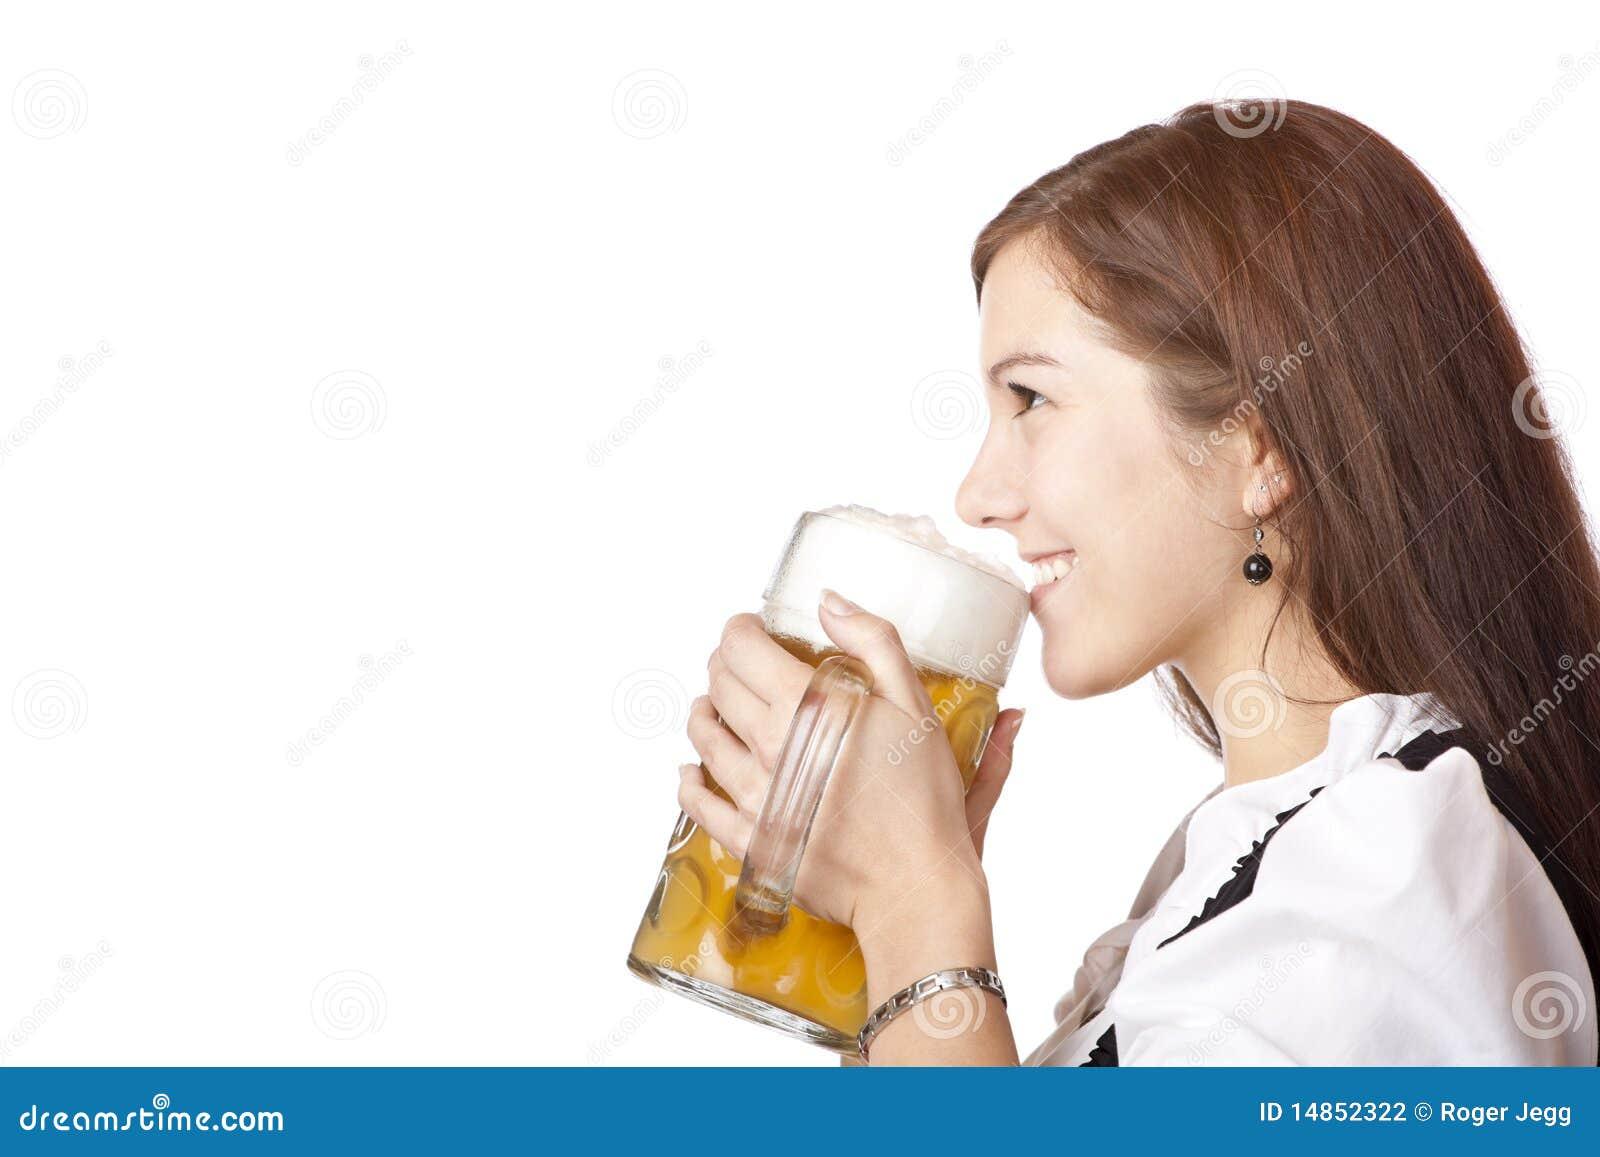 Woman in dirndl holds Oktoberfest beer stein